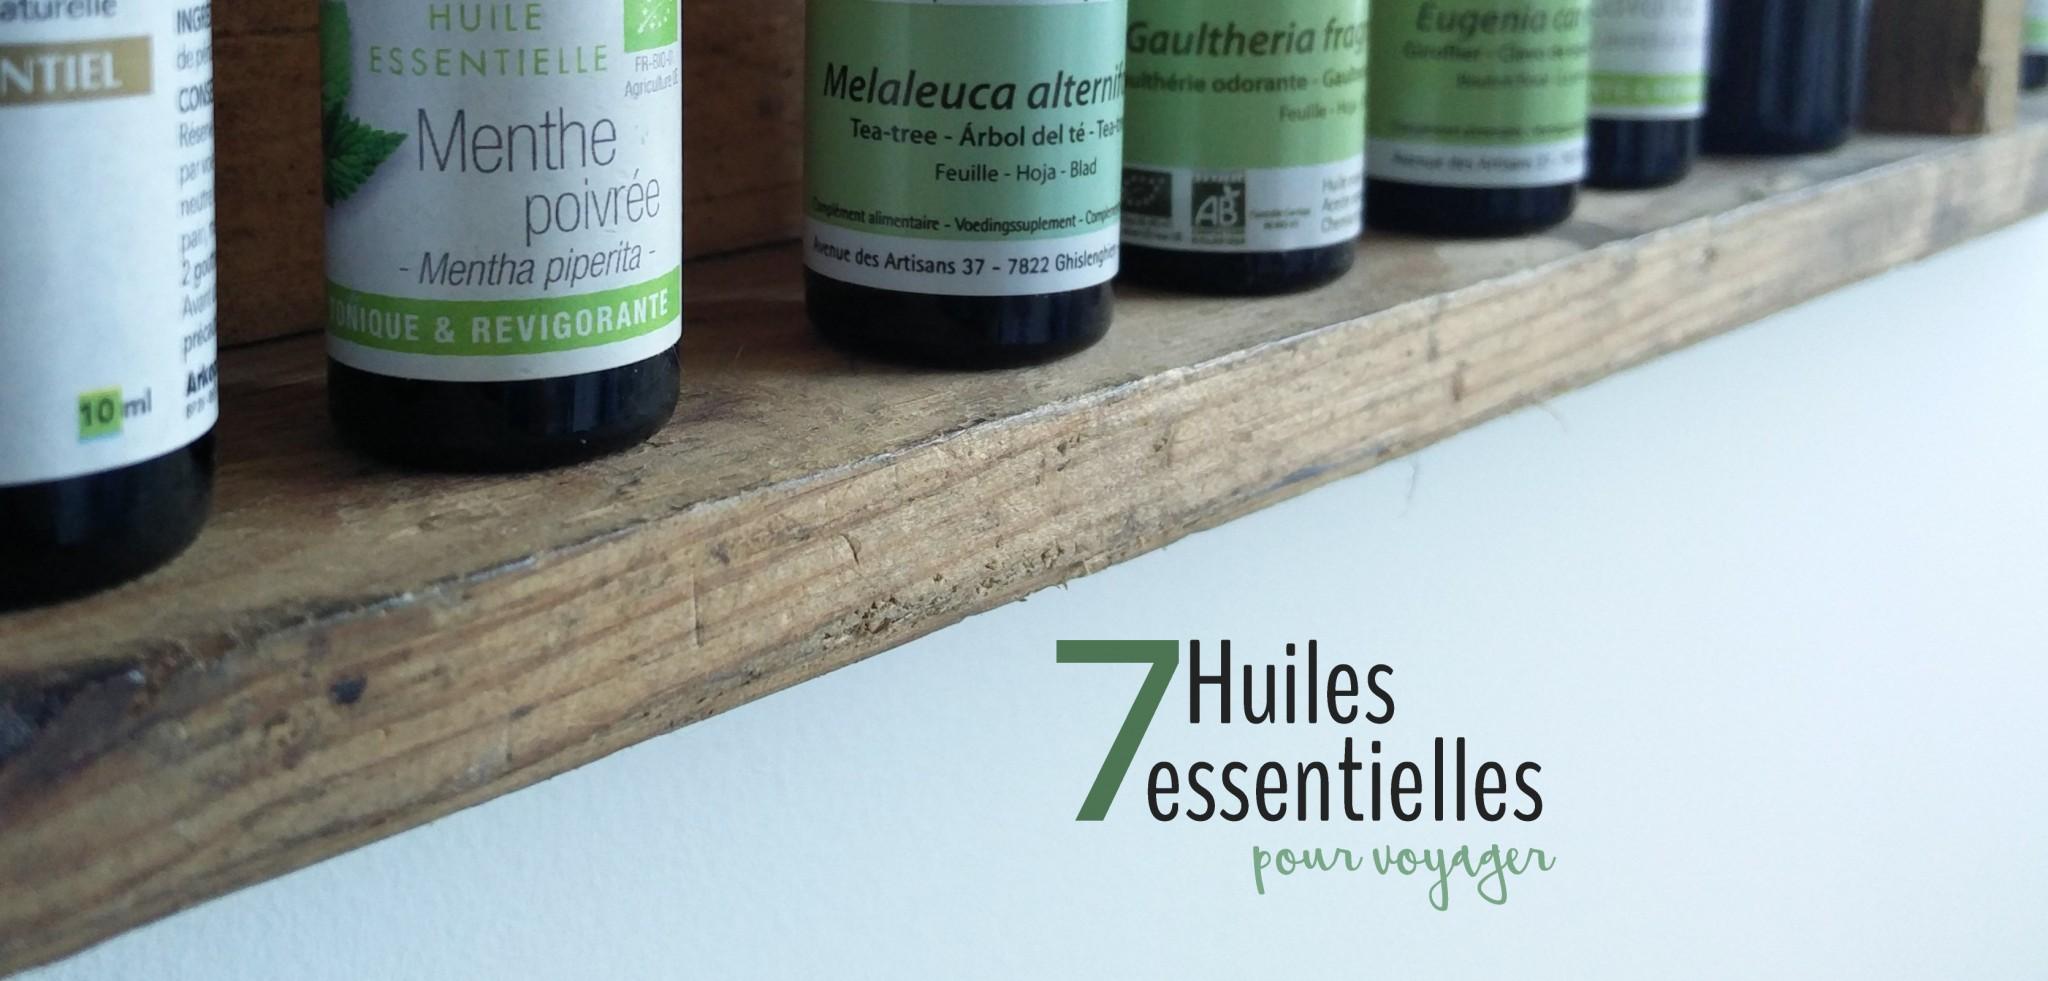 Les huiles essentielles dans la pharmacie